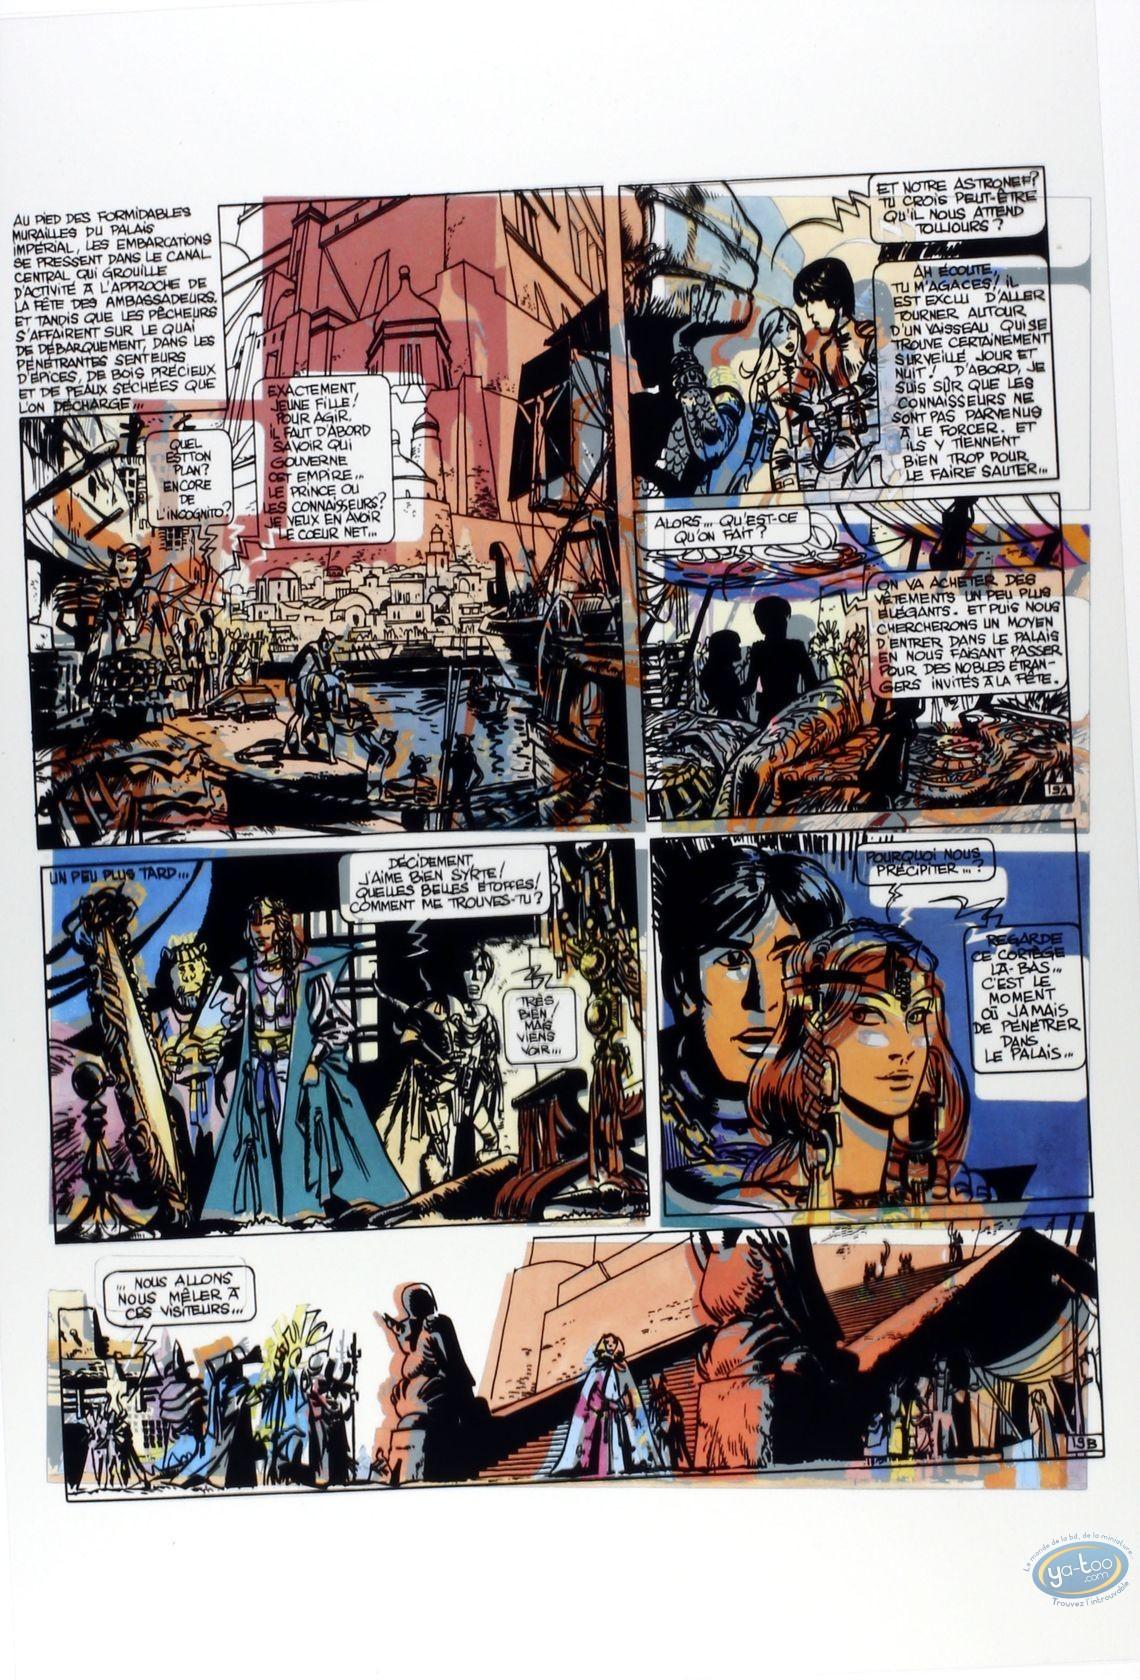 Album de Luxe, Valérian : Mézières, L'Empire des mille planètes, édition d'Art, Collection 'Les Maîtres Rêveurs', 33 EXEMPLAIRES